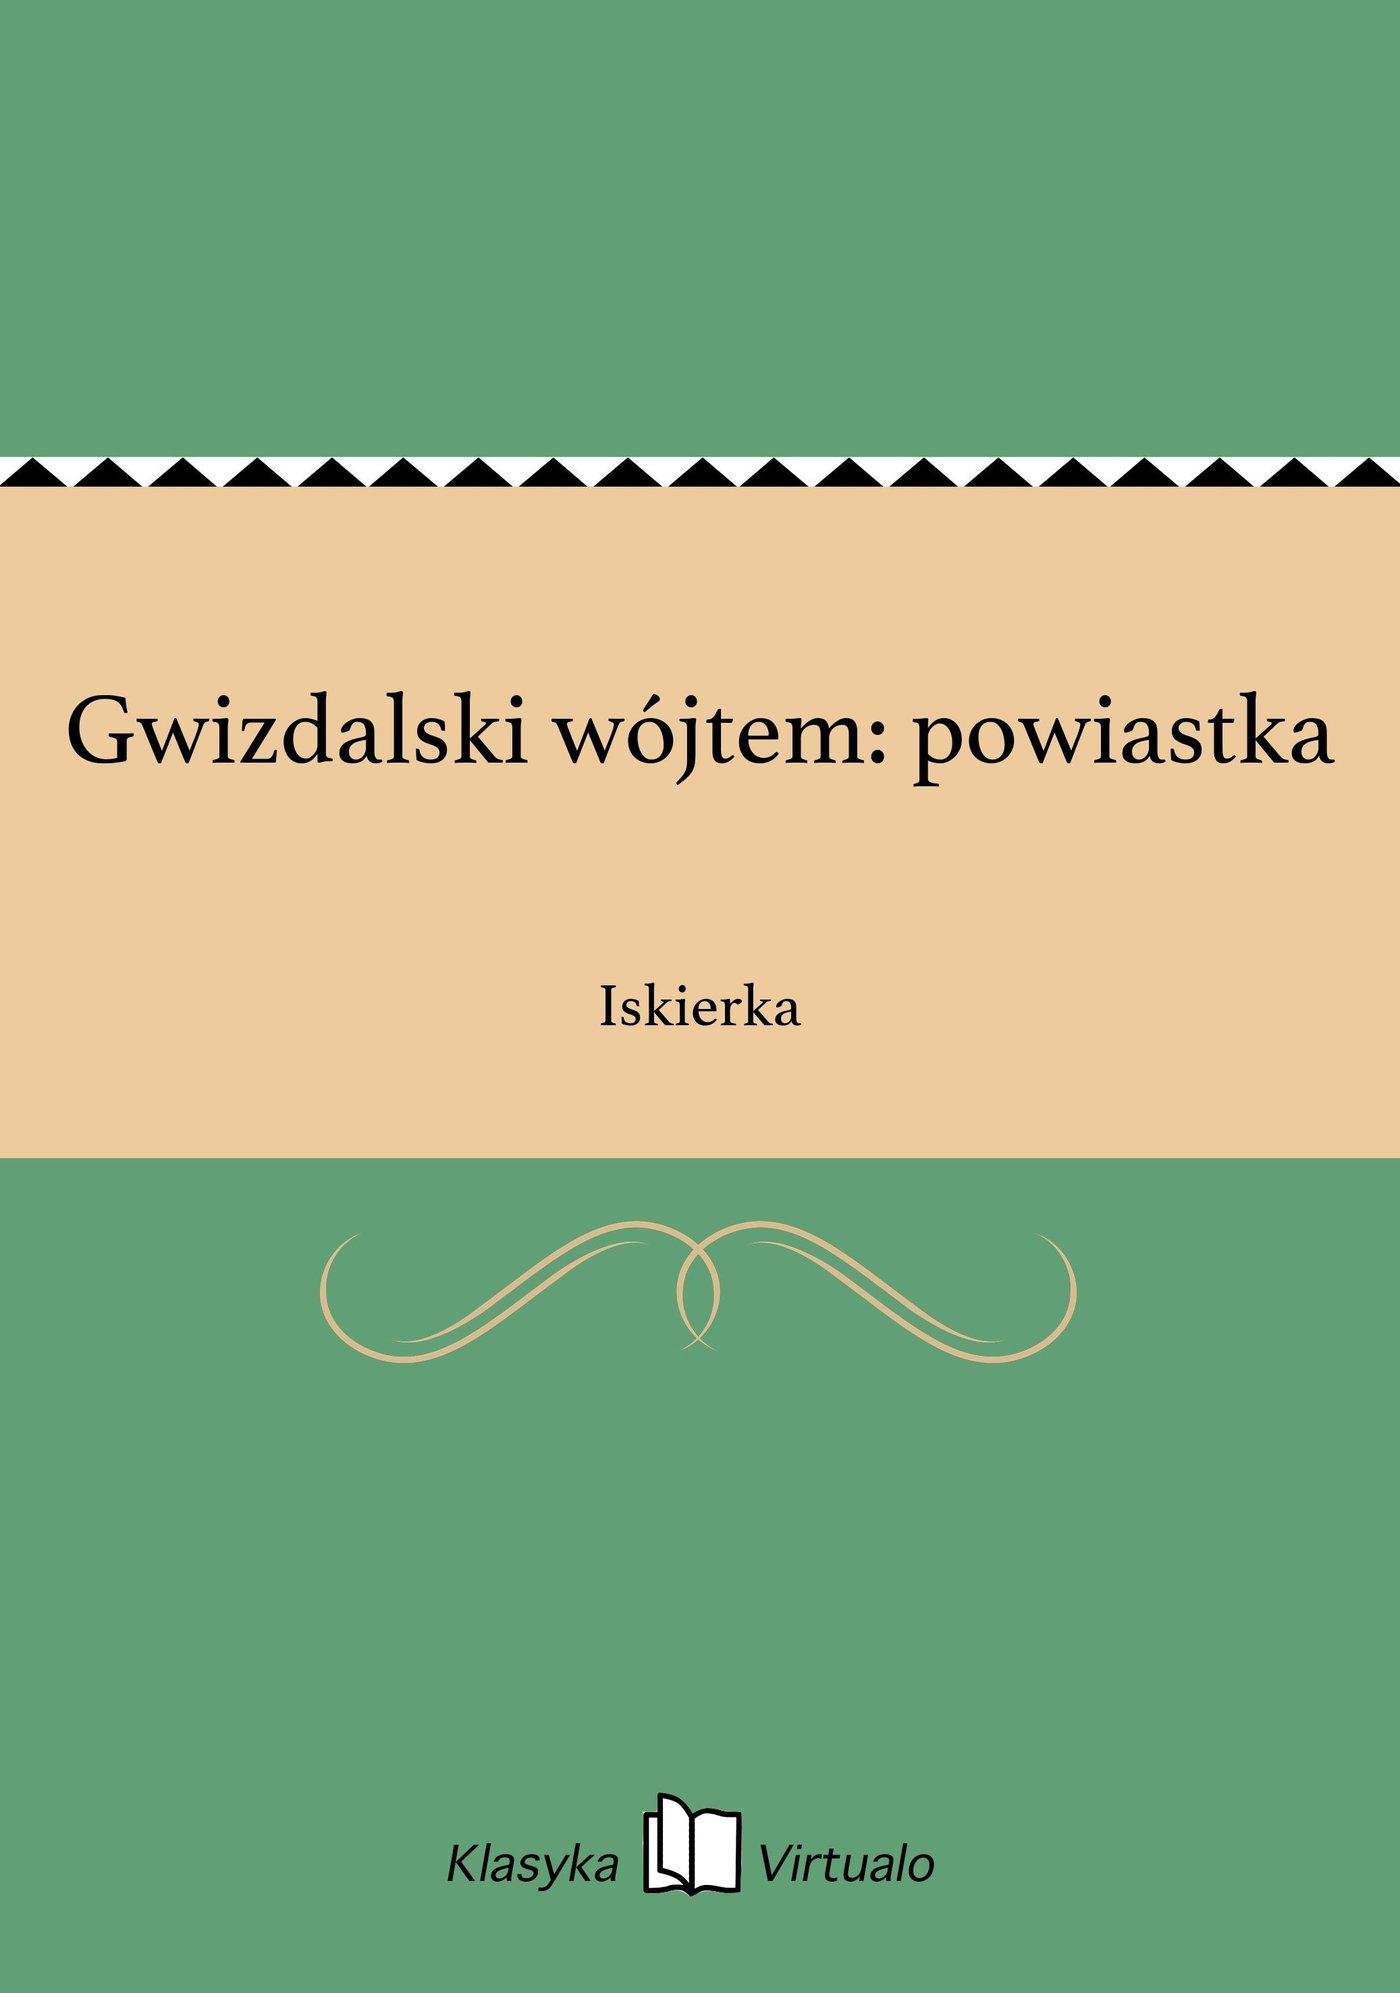 Gwizdalski wójtem: powiastka - Ebook (Książka EPUB) do pobrania w formacie EPUB